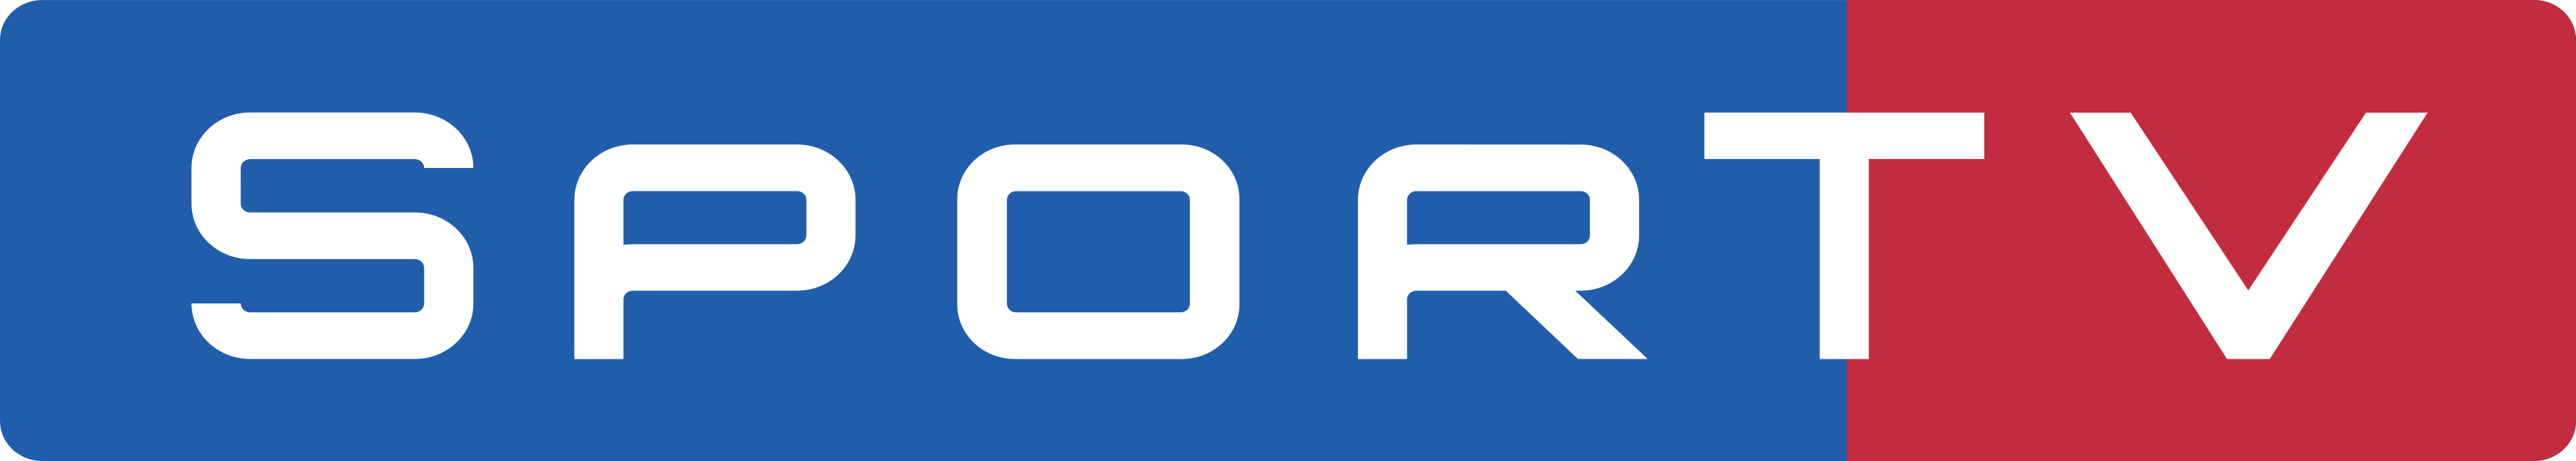 sportv logo - SporTV Logo